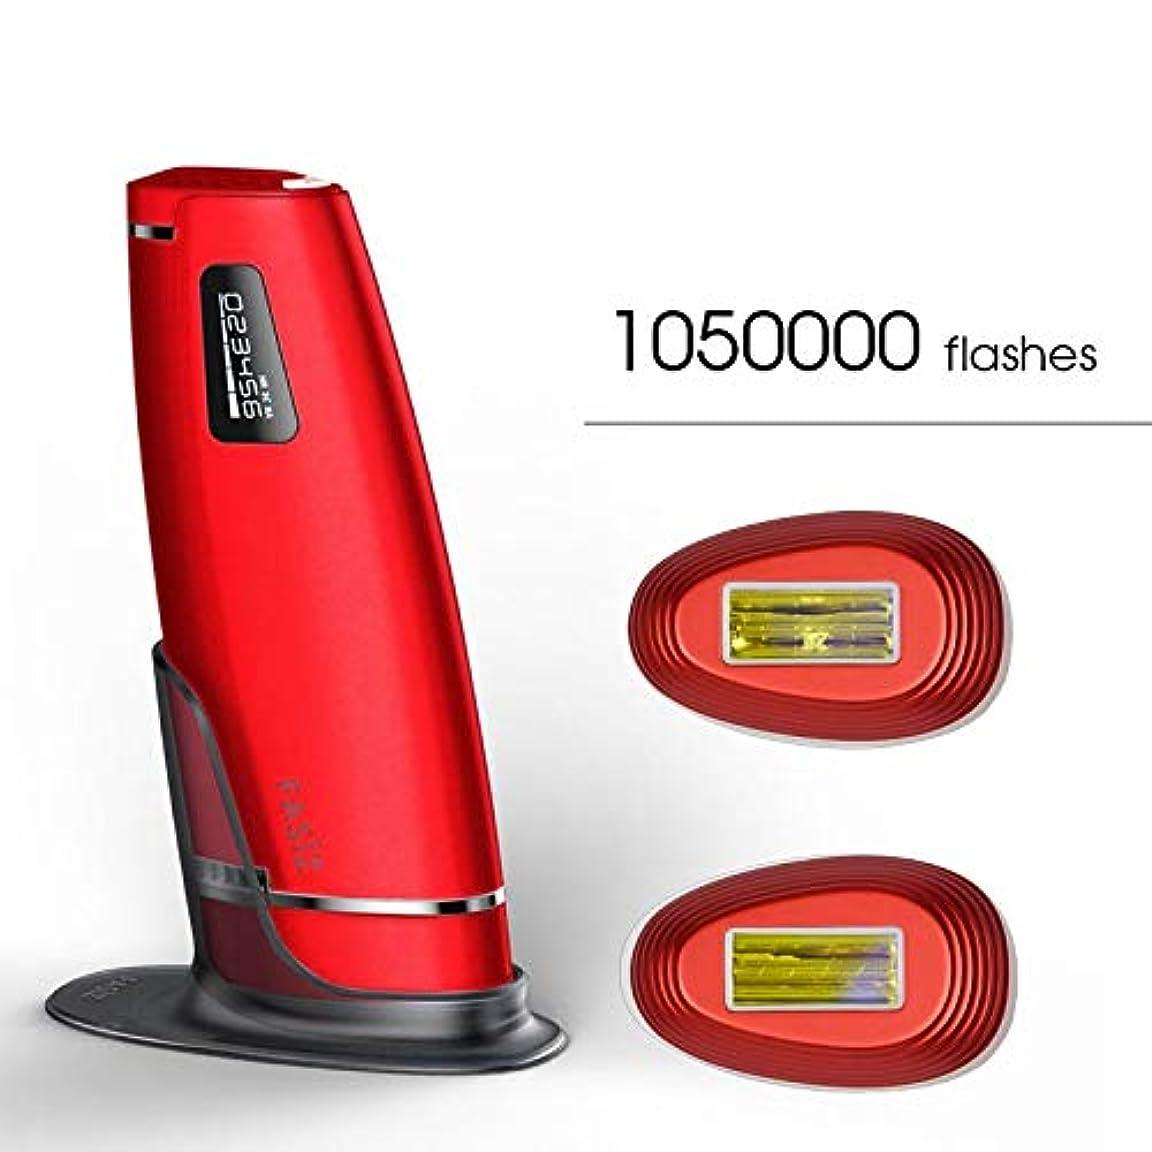 ジャンプする苦しめる高原FANPING 3in1の1050000pulsed IPLレーザー脱毛デバイス永久脱毛IPLレーザー脱毛器脇脱毛機 (Color : 赤)